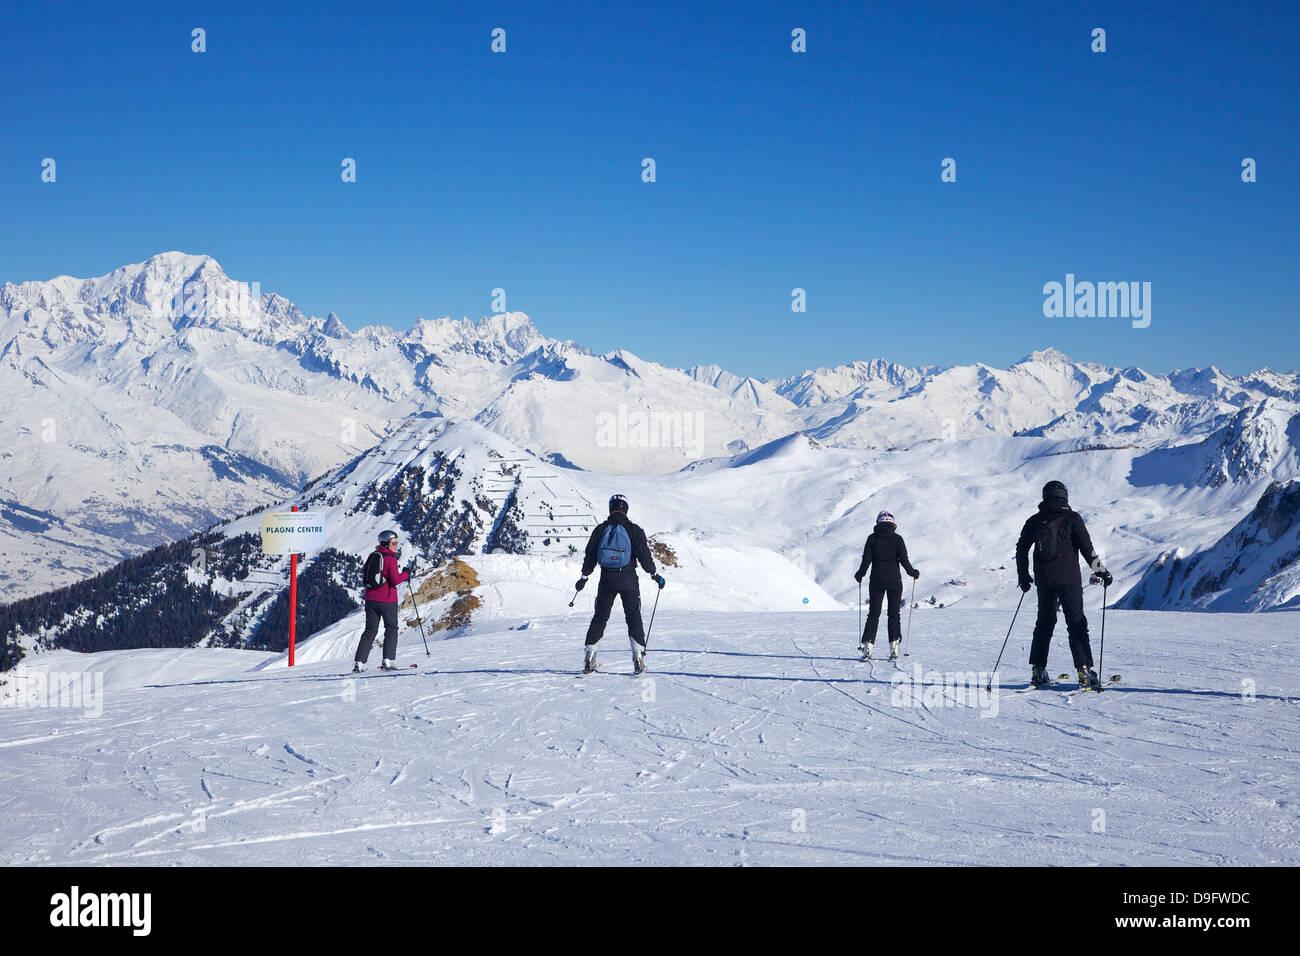 Gli sciatori sulle piste di Plagne centre, La Plagne, sulle Alpi francesi, Francia Immagini Stock